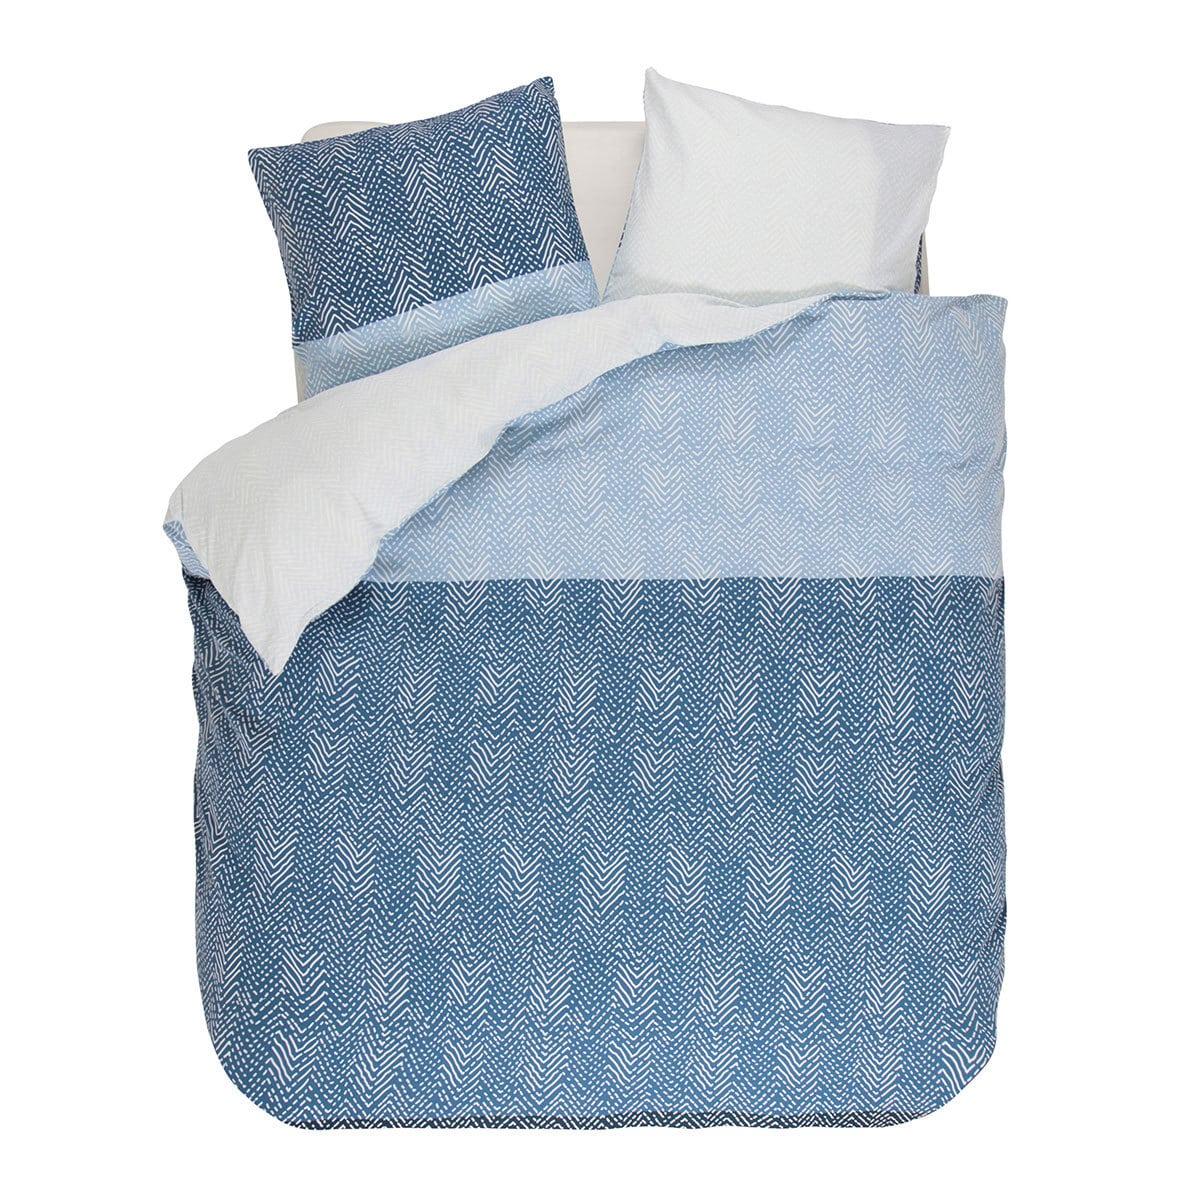 esprit flanell bettw sche tamo blue g nstig online kaufen bei bettwaren shop. Black Bedroom Furniture Sets. Home Design Ideas